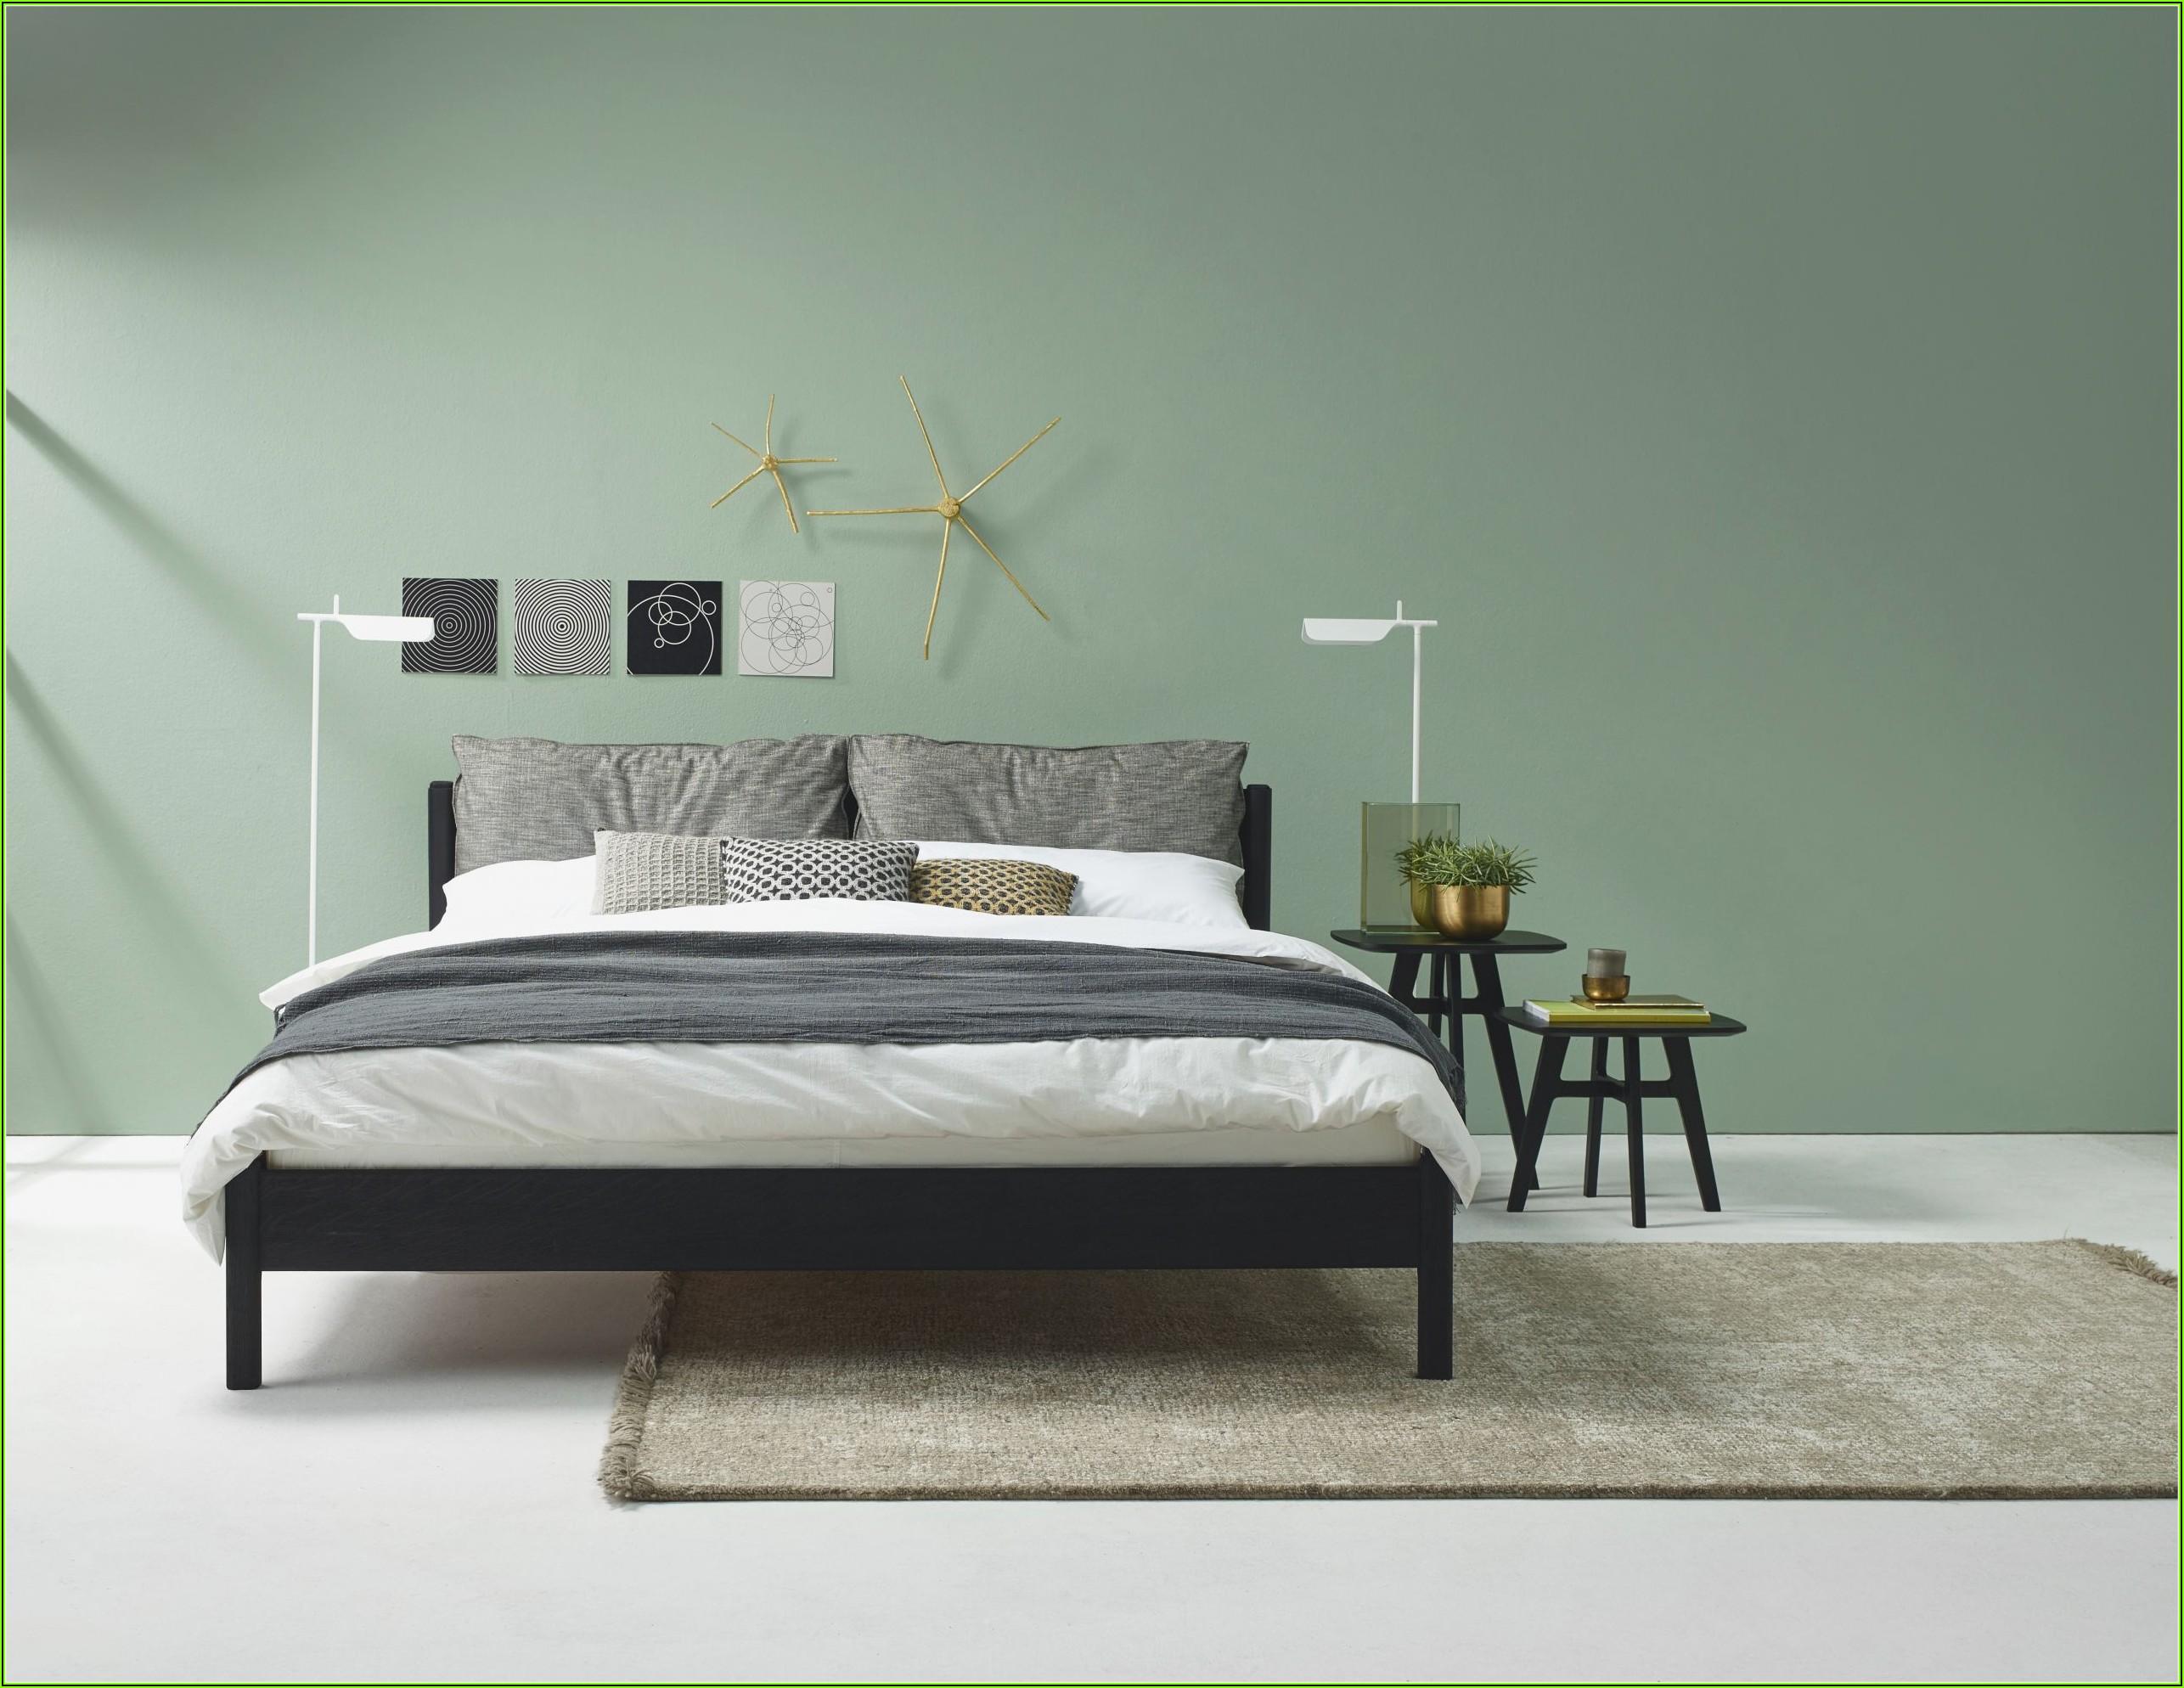 Schlafzimmer Grün Dekorieren